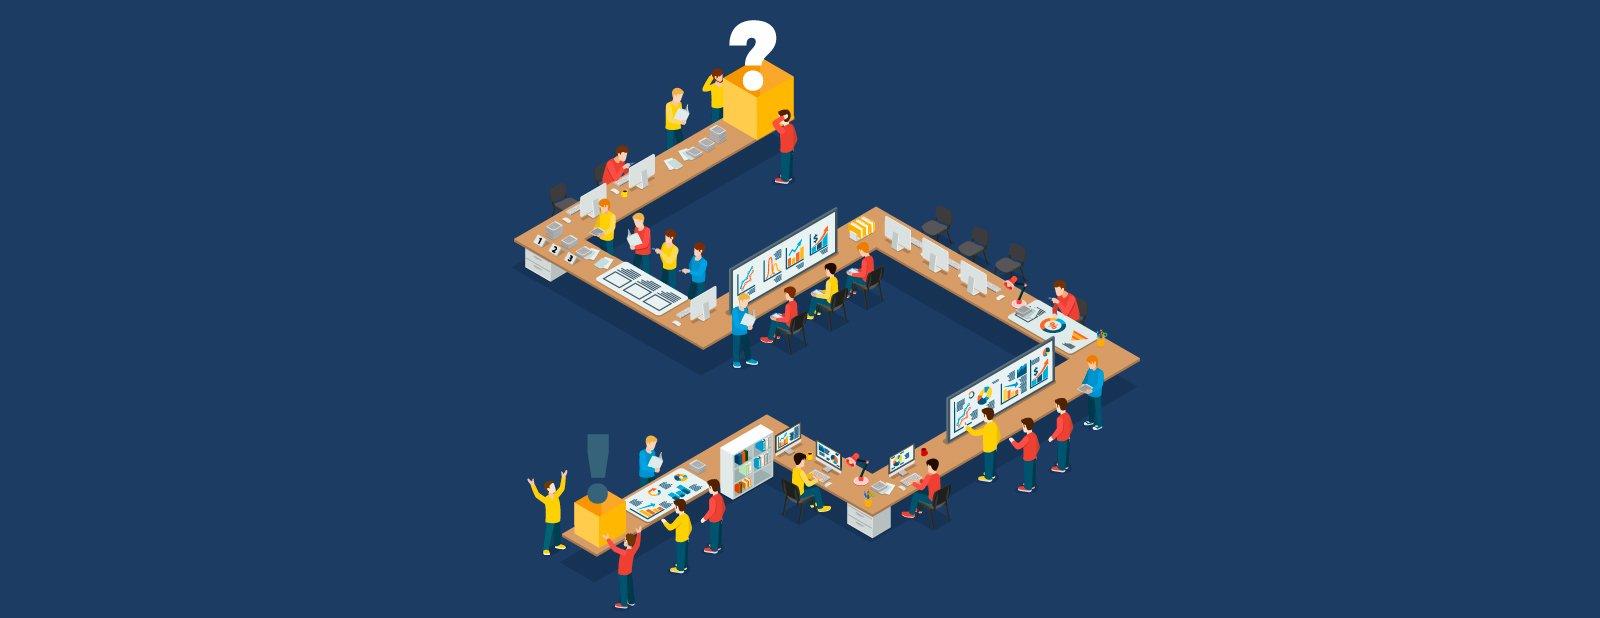 produtos e serviços na visão do marketing